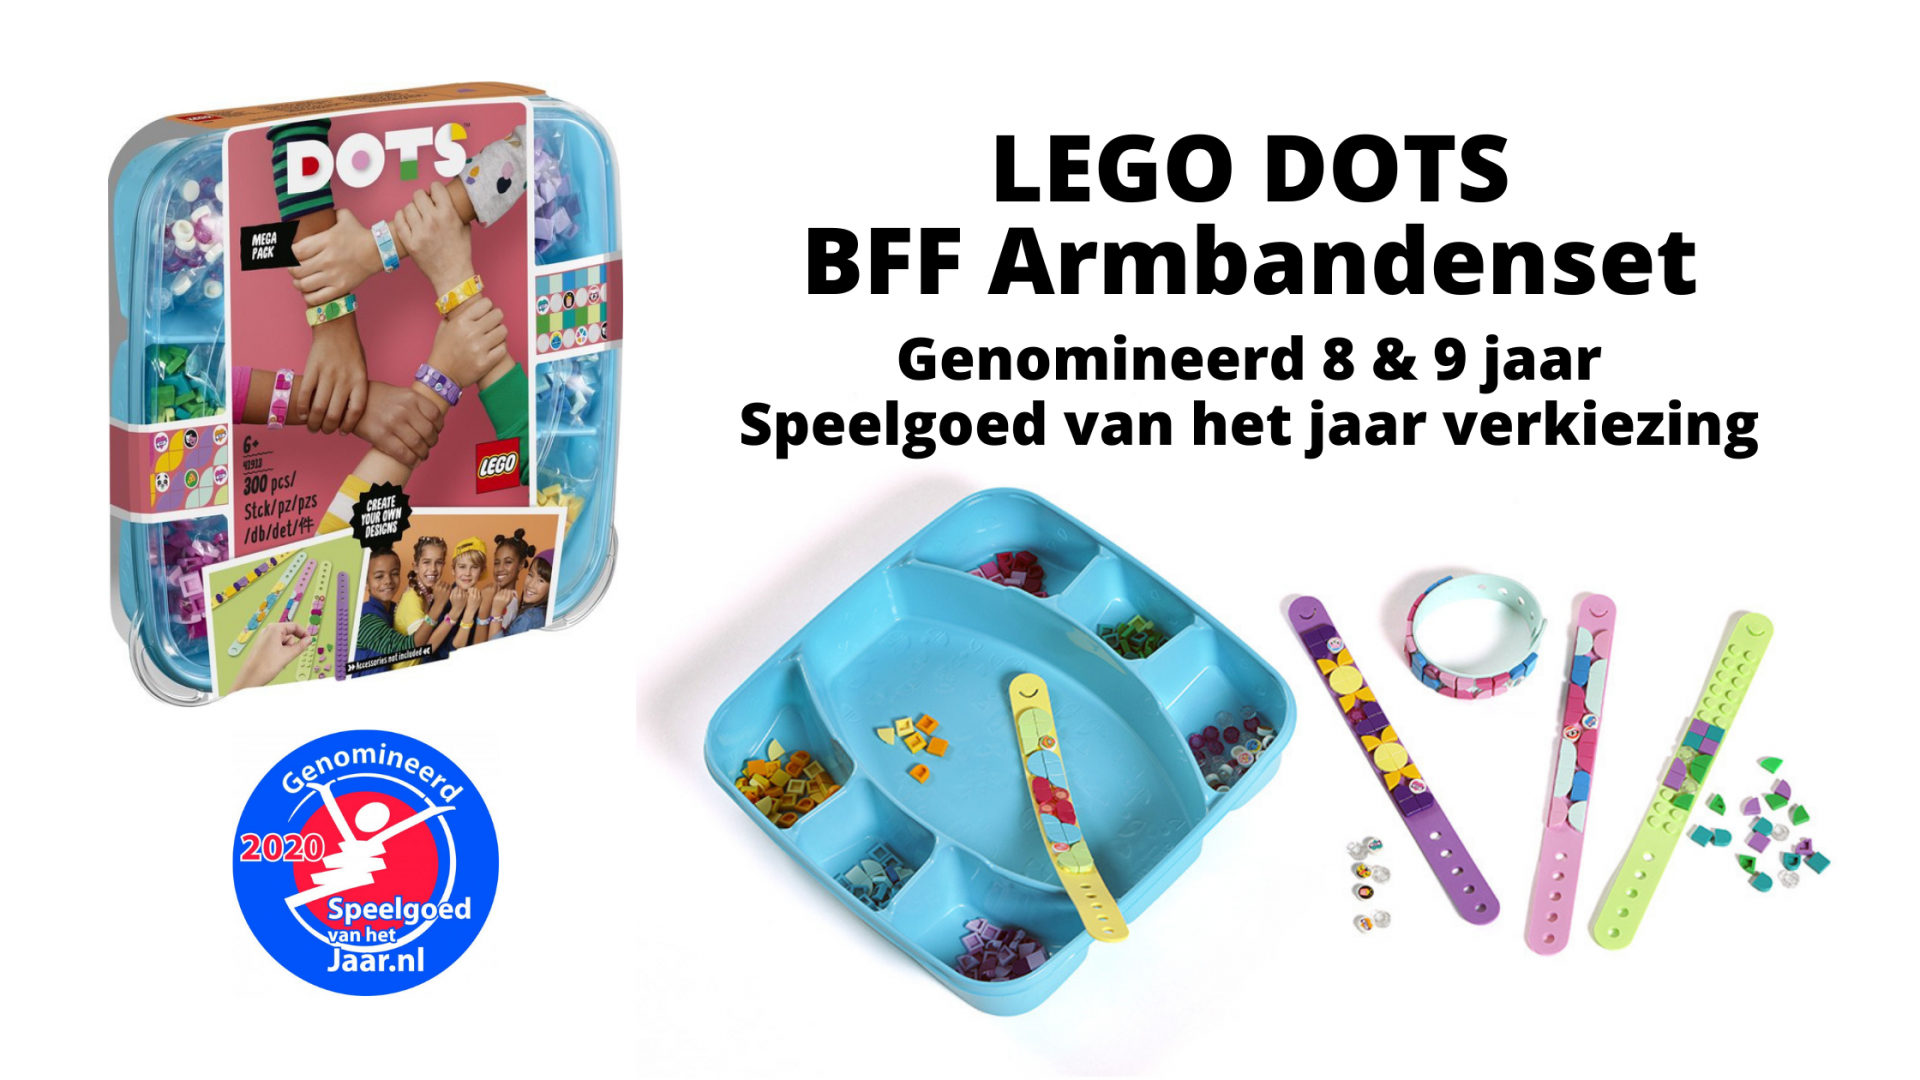 Speelgoed van het jaar verkiezing   LEGO DOTS BFF Armbandenset